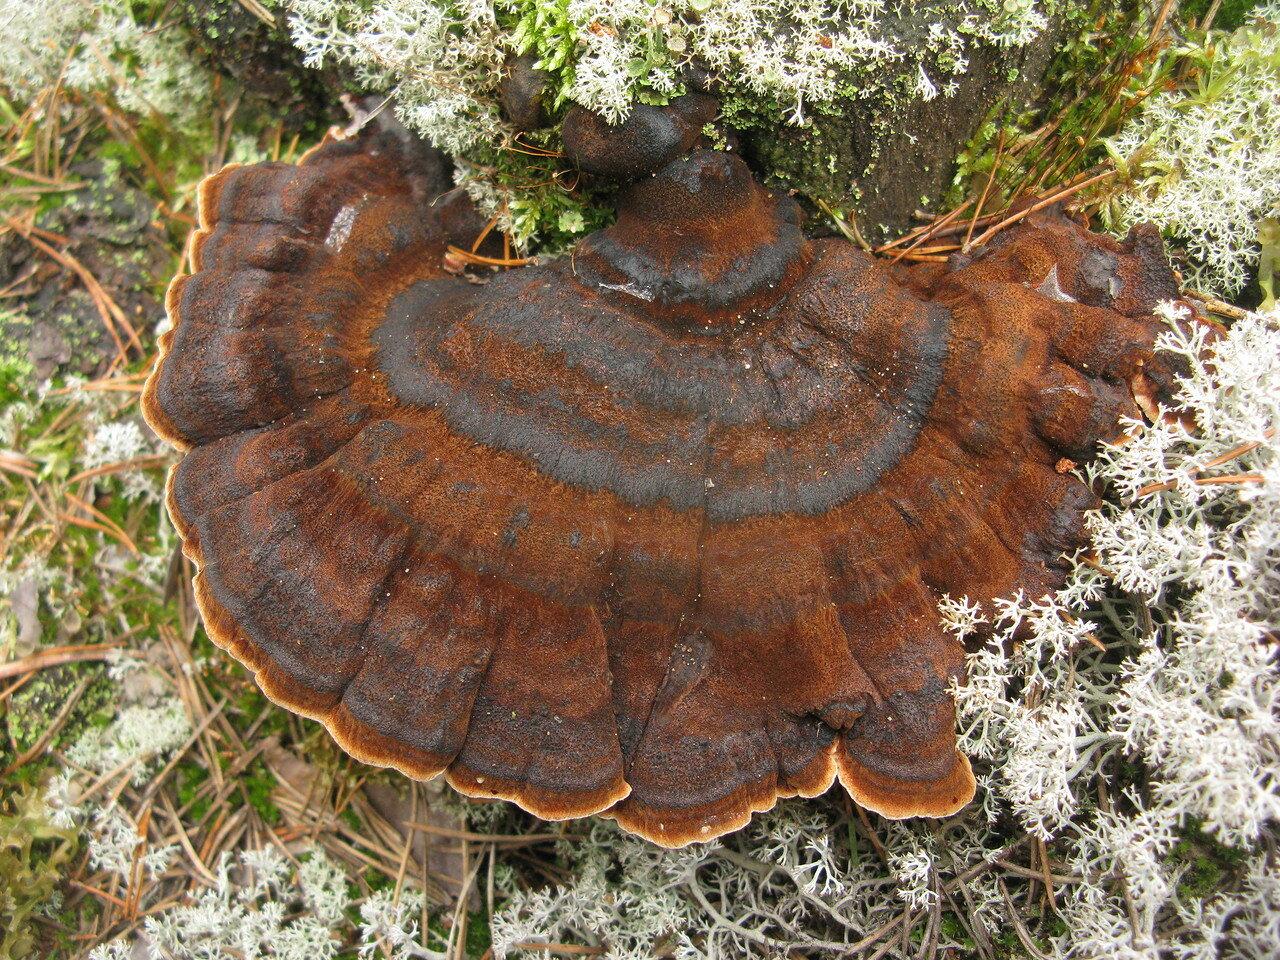 Трутовик смолистый (Ischnoderma benzoinum). Автор фото: Станислав Кривошеев